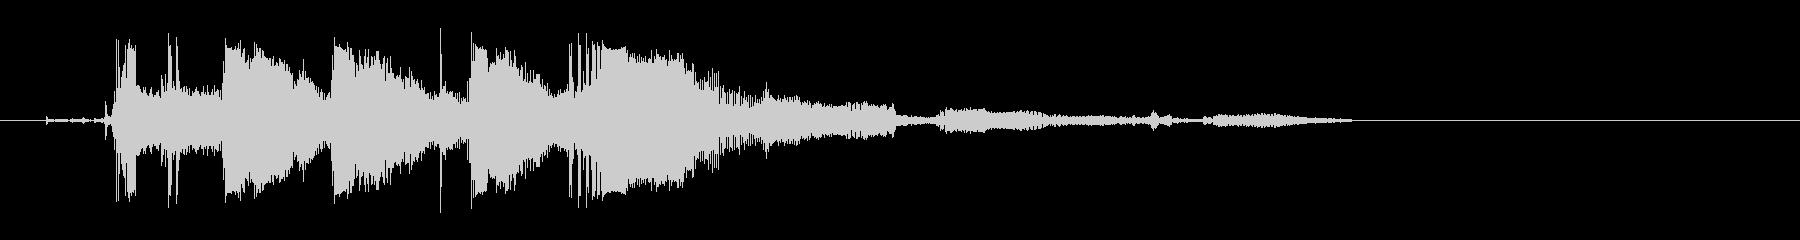 オートバイモトクロス;スタート/回...の未再生の波形